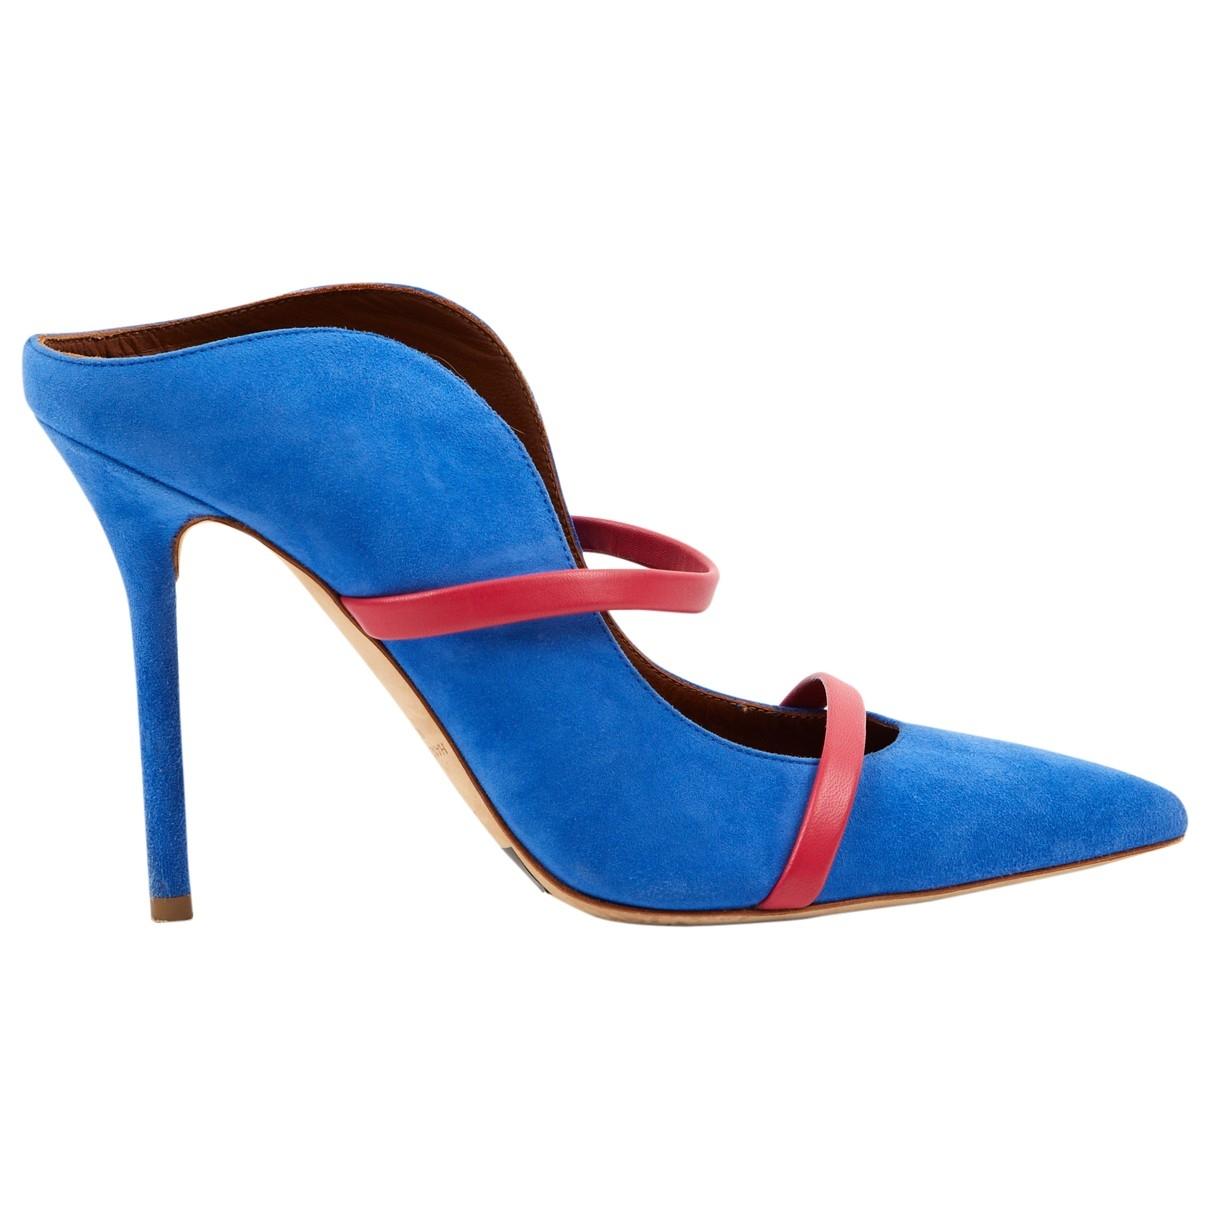 Malone Souliers - Sandales Maureen pour femme en suede - bleu